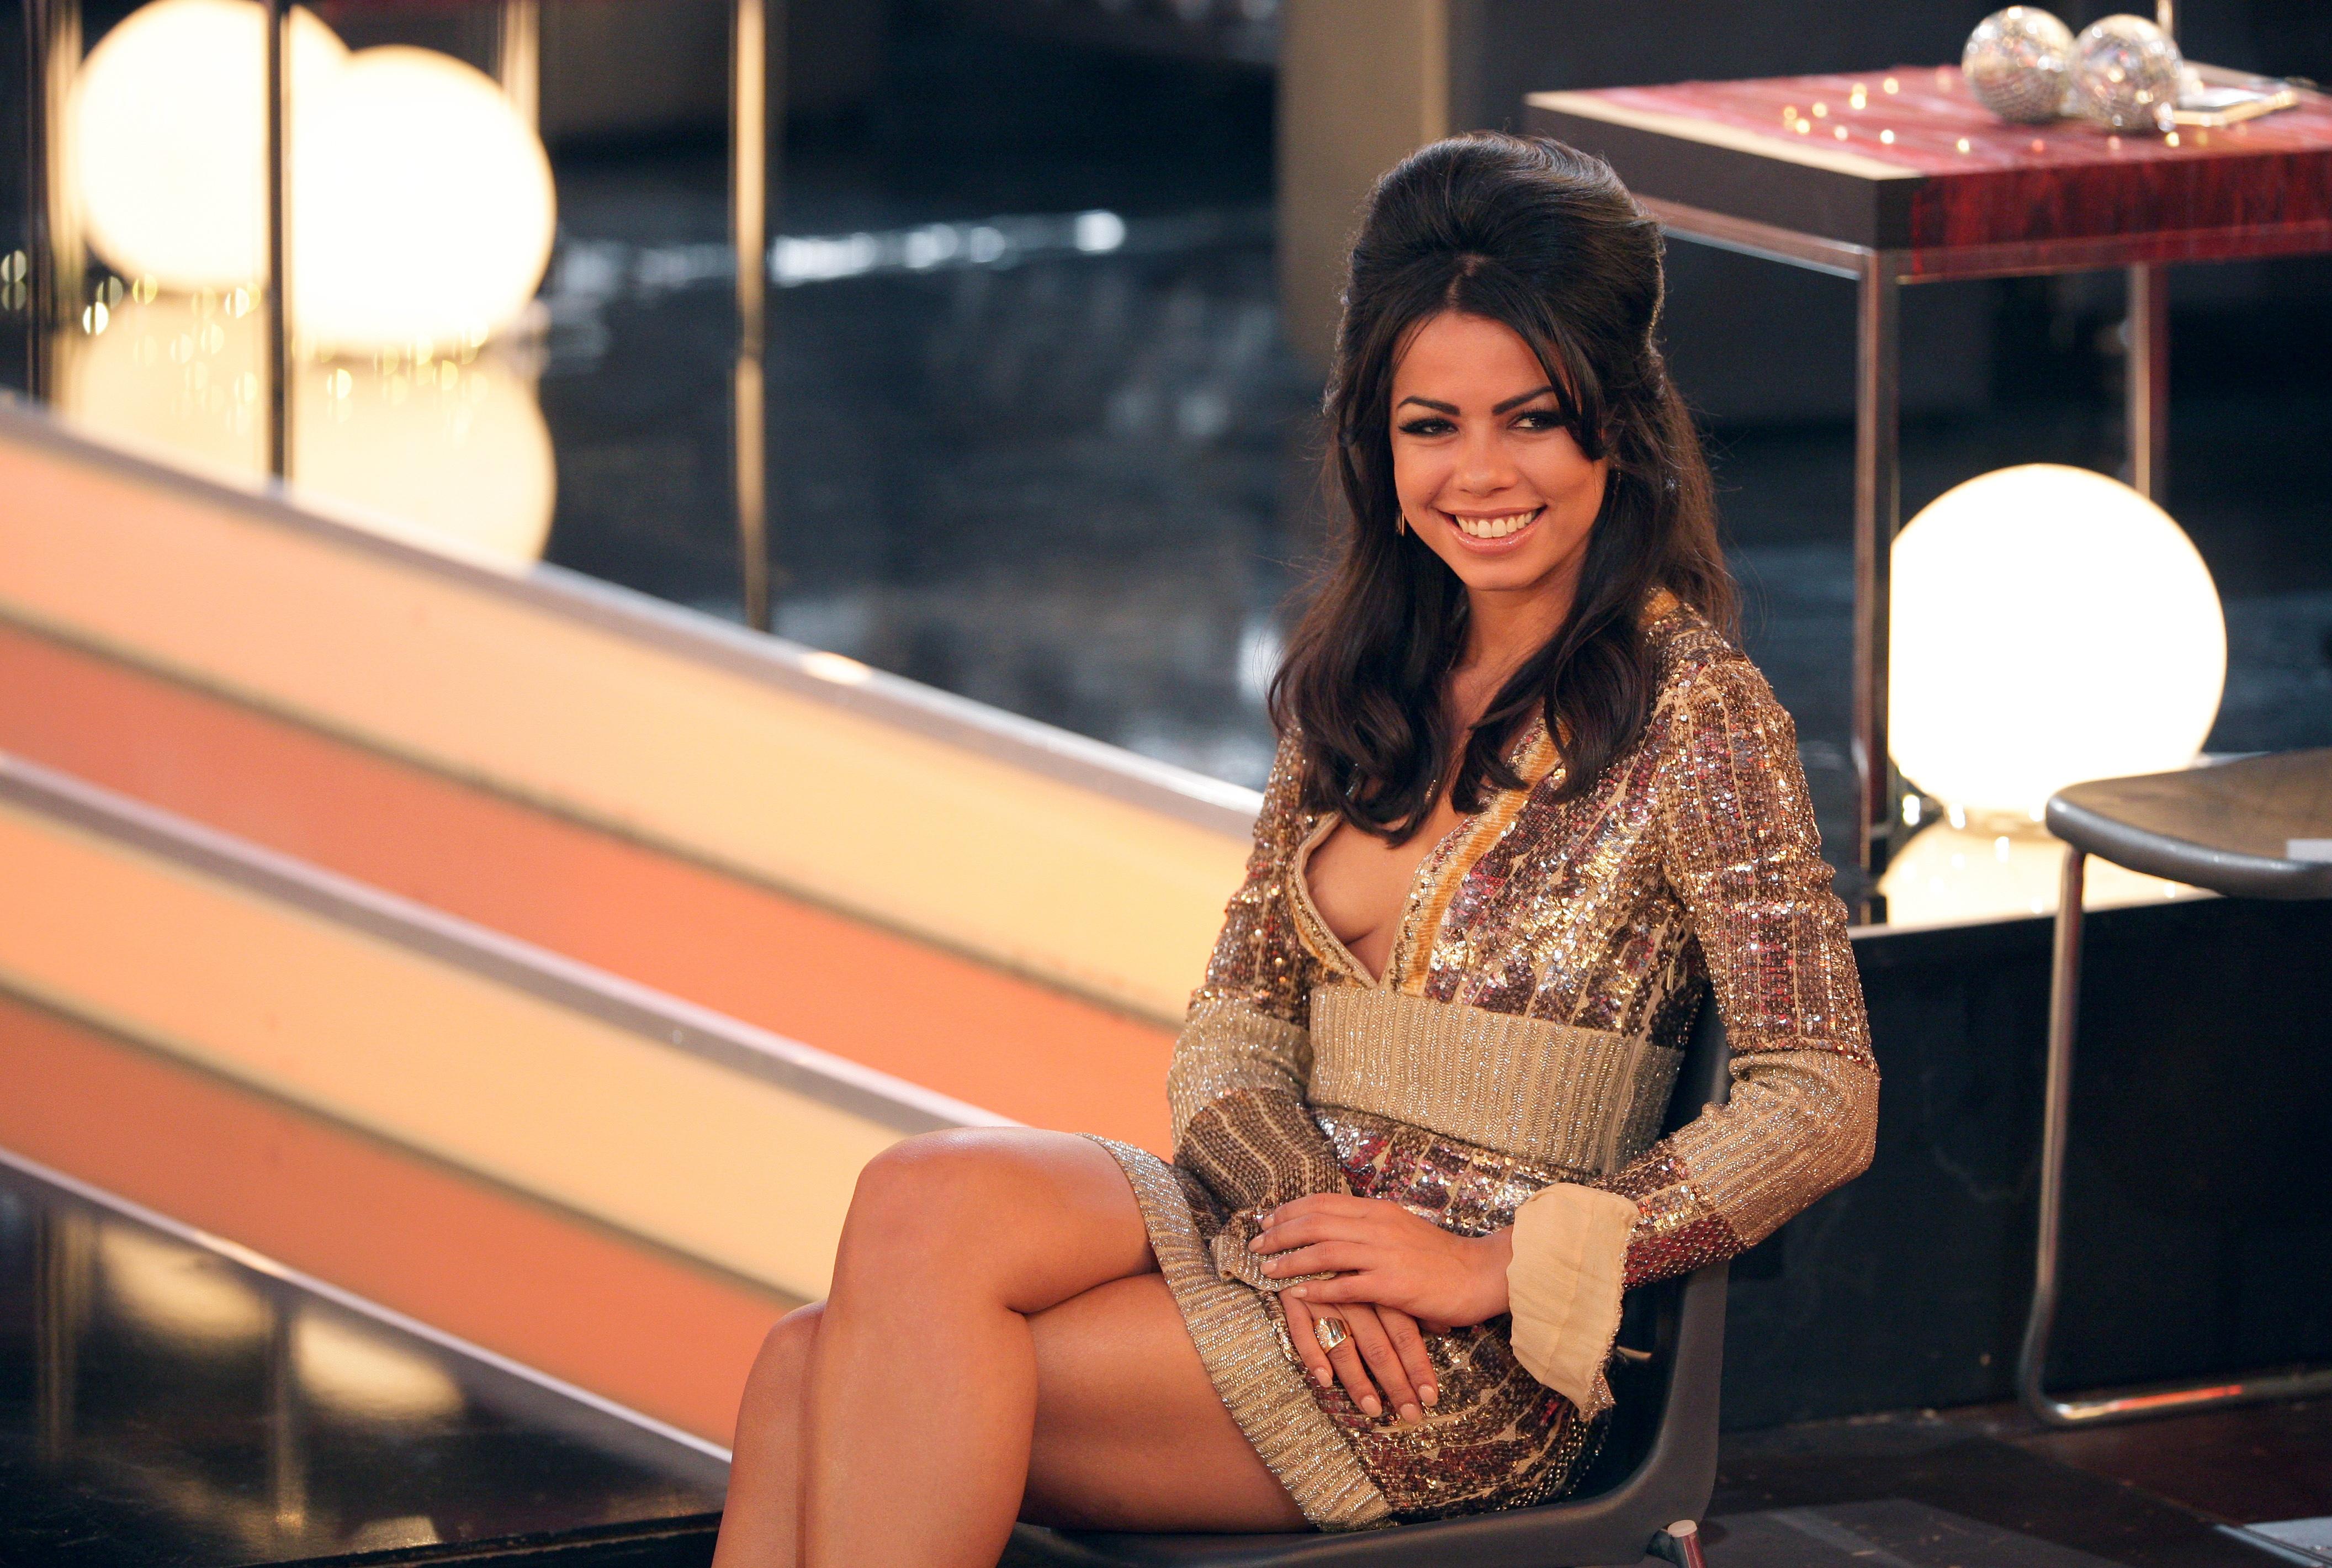 Fernanda Brandao nackt und oben ohne Fotos